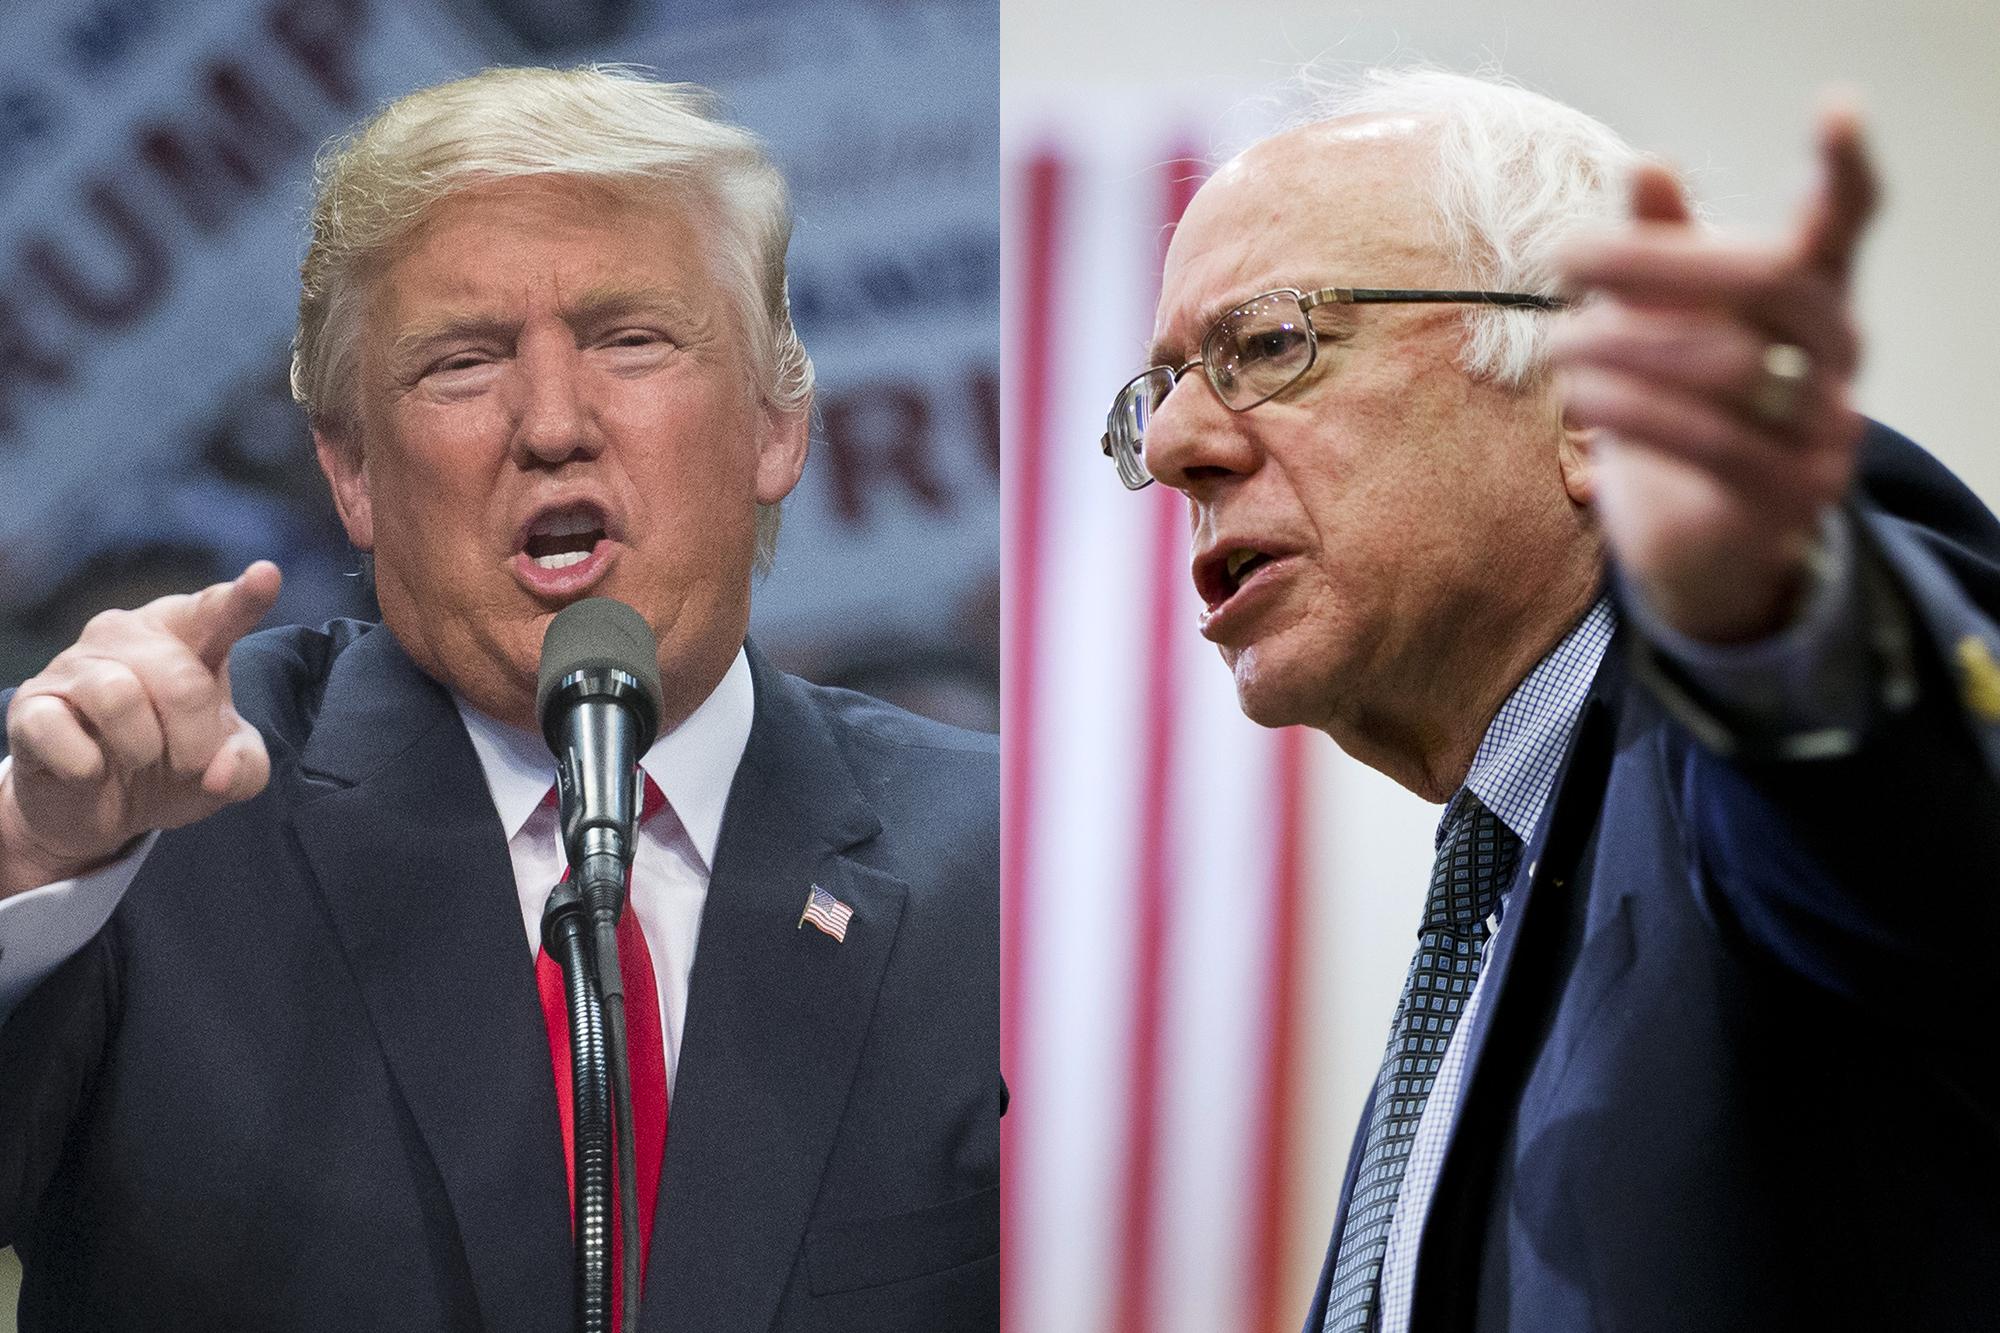 Photo: Trump, Sanders Montage, Trade